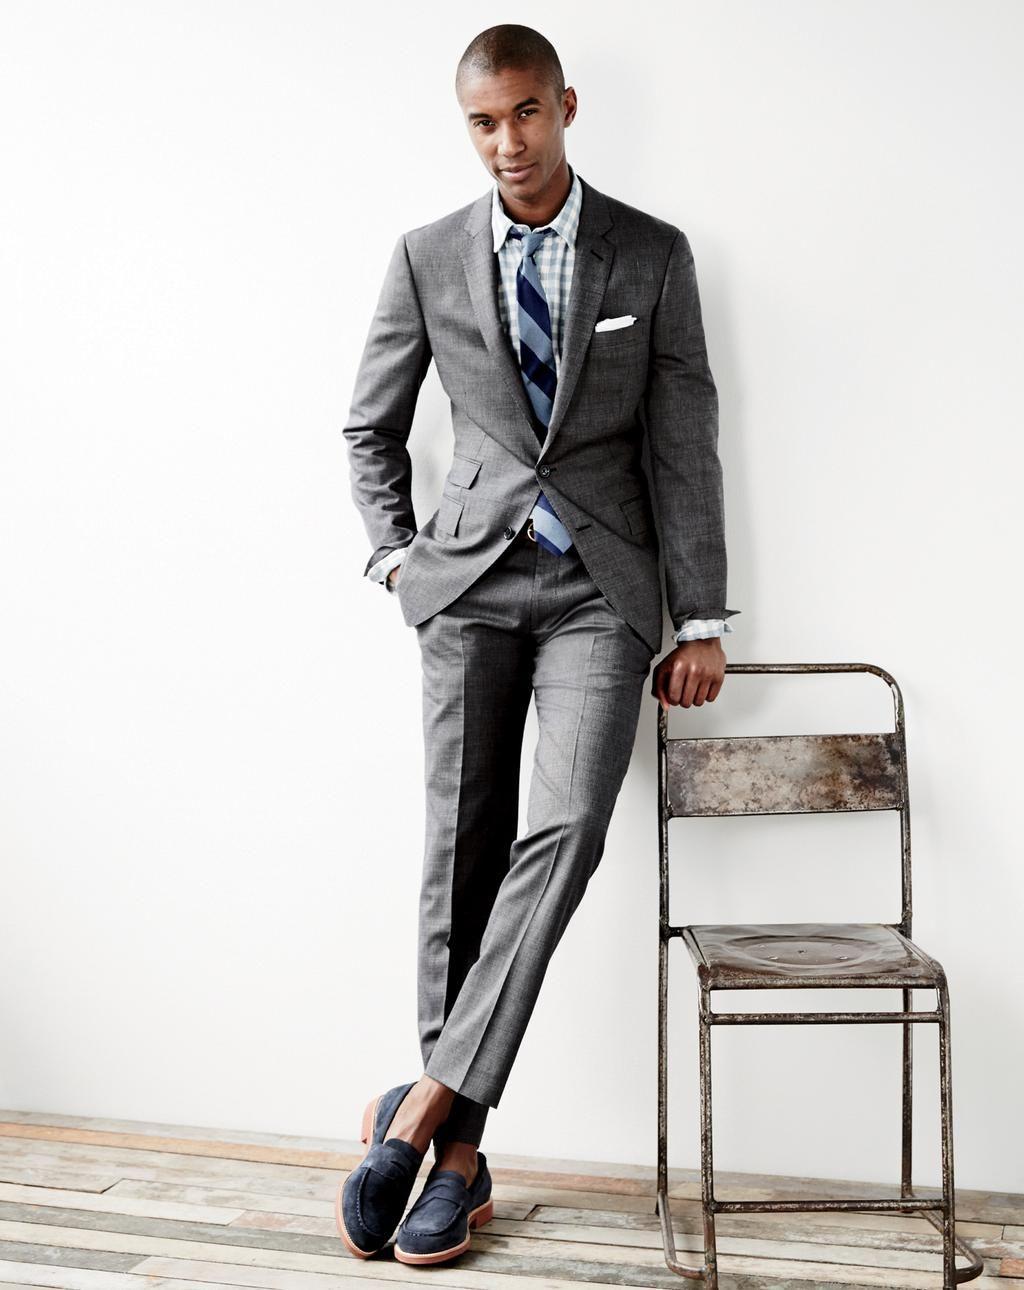 người đàn ông mặc suit xám với giày loafer da lộn.